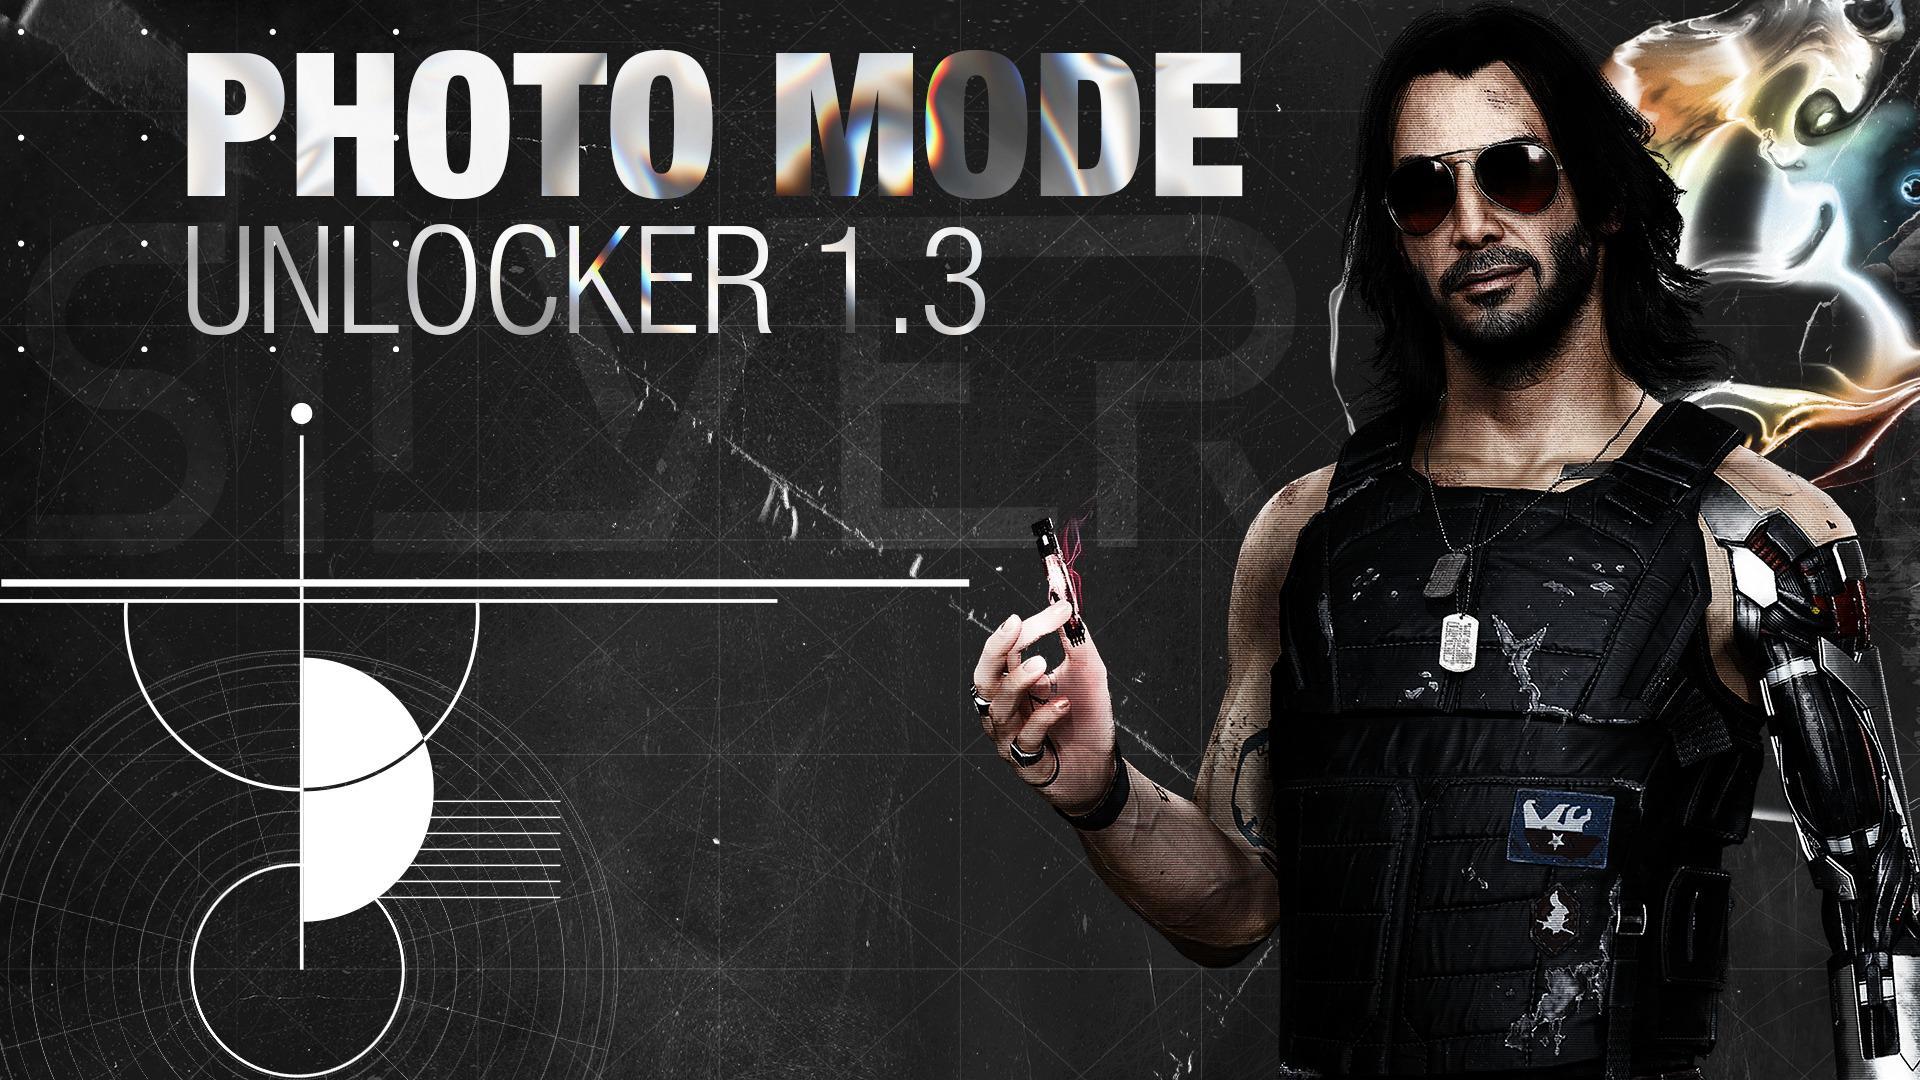 《賽博朋克2077》照片模式強化Mod 去除限制添新功能